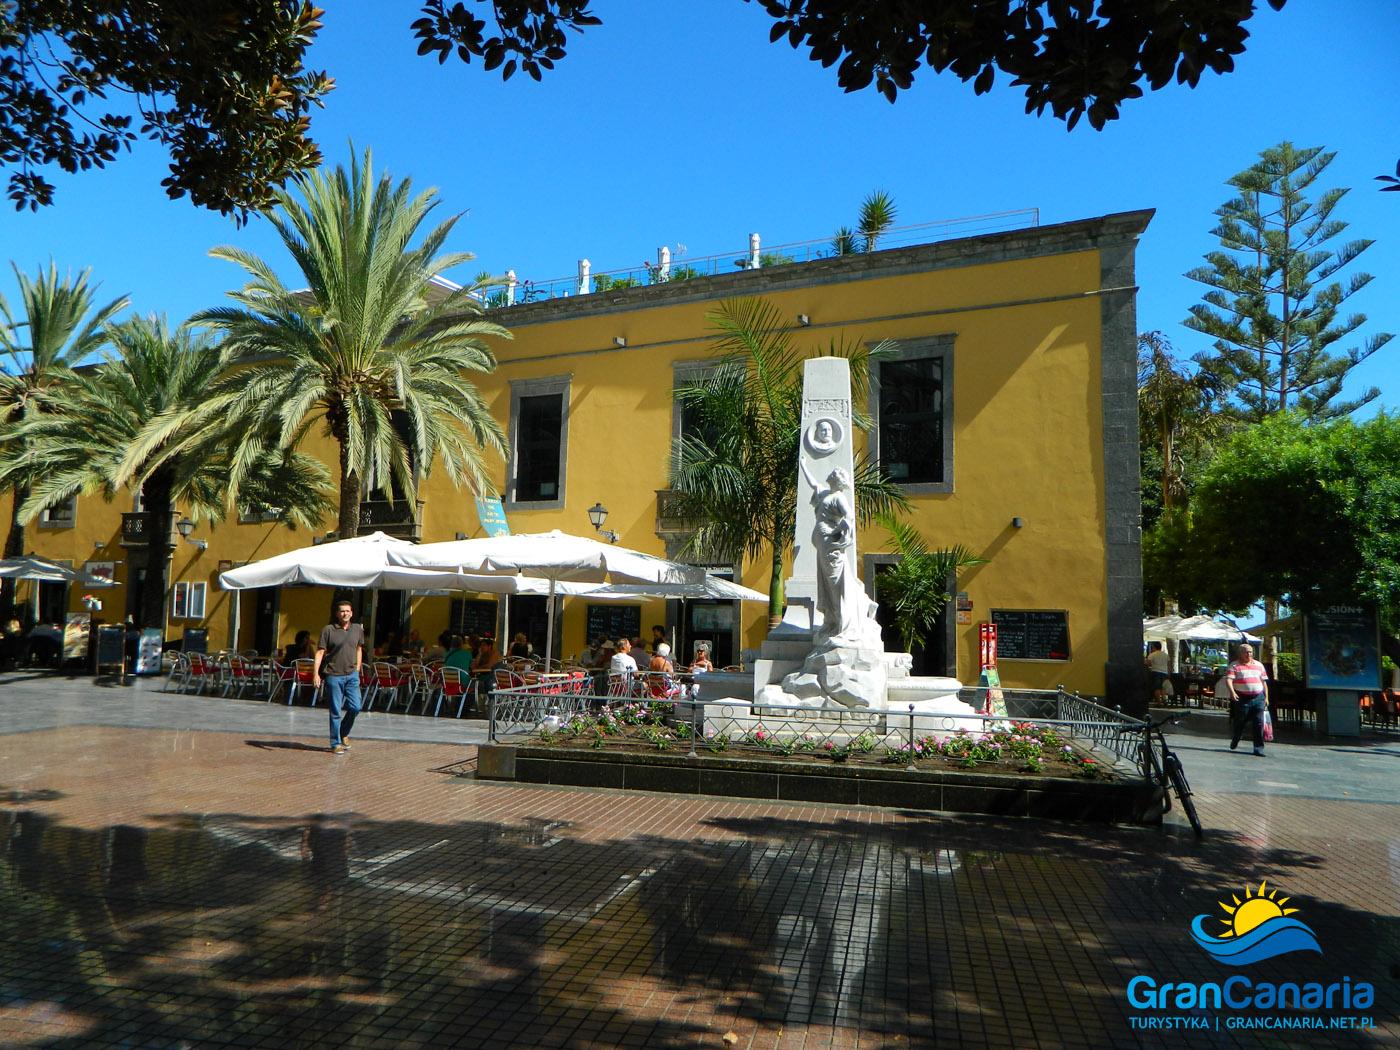 Las Palmas - Plac Żab